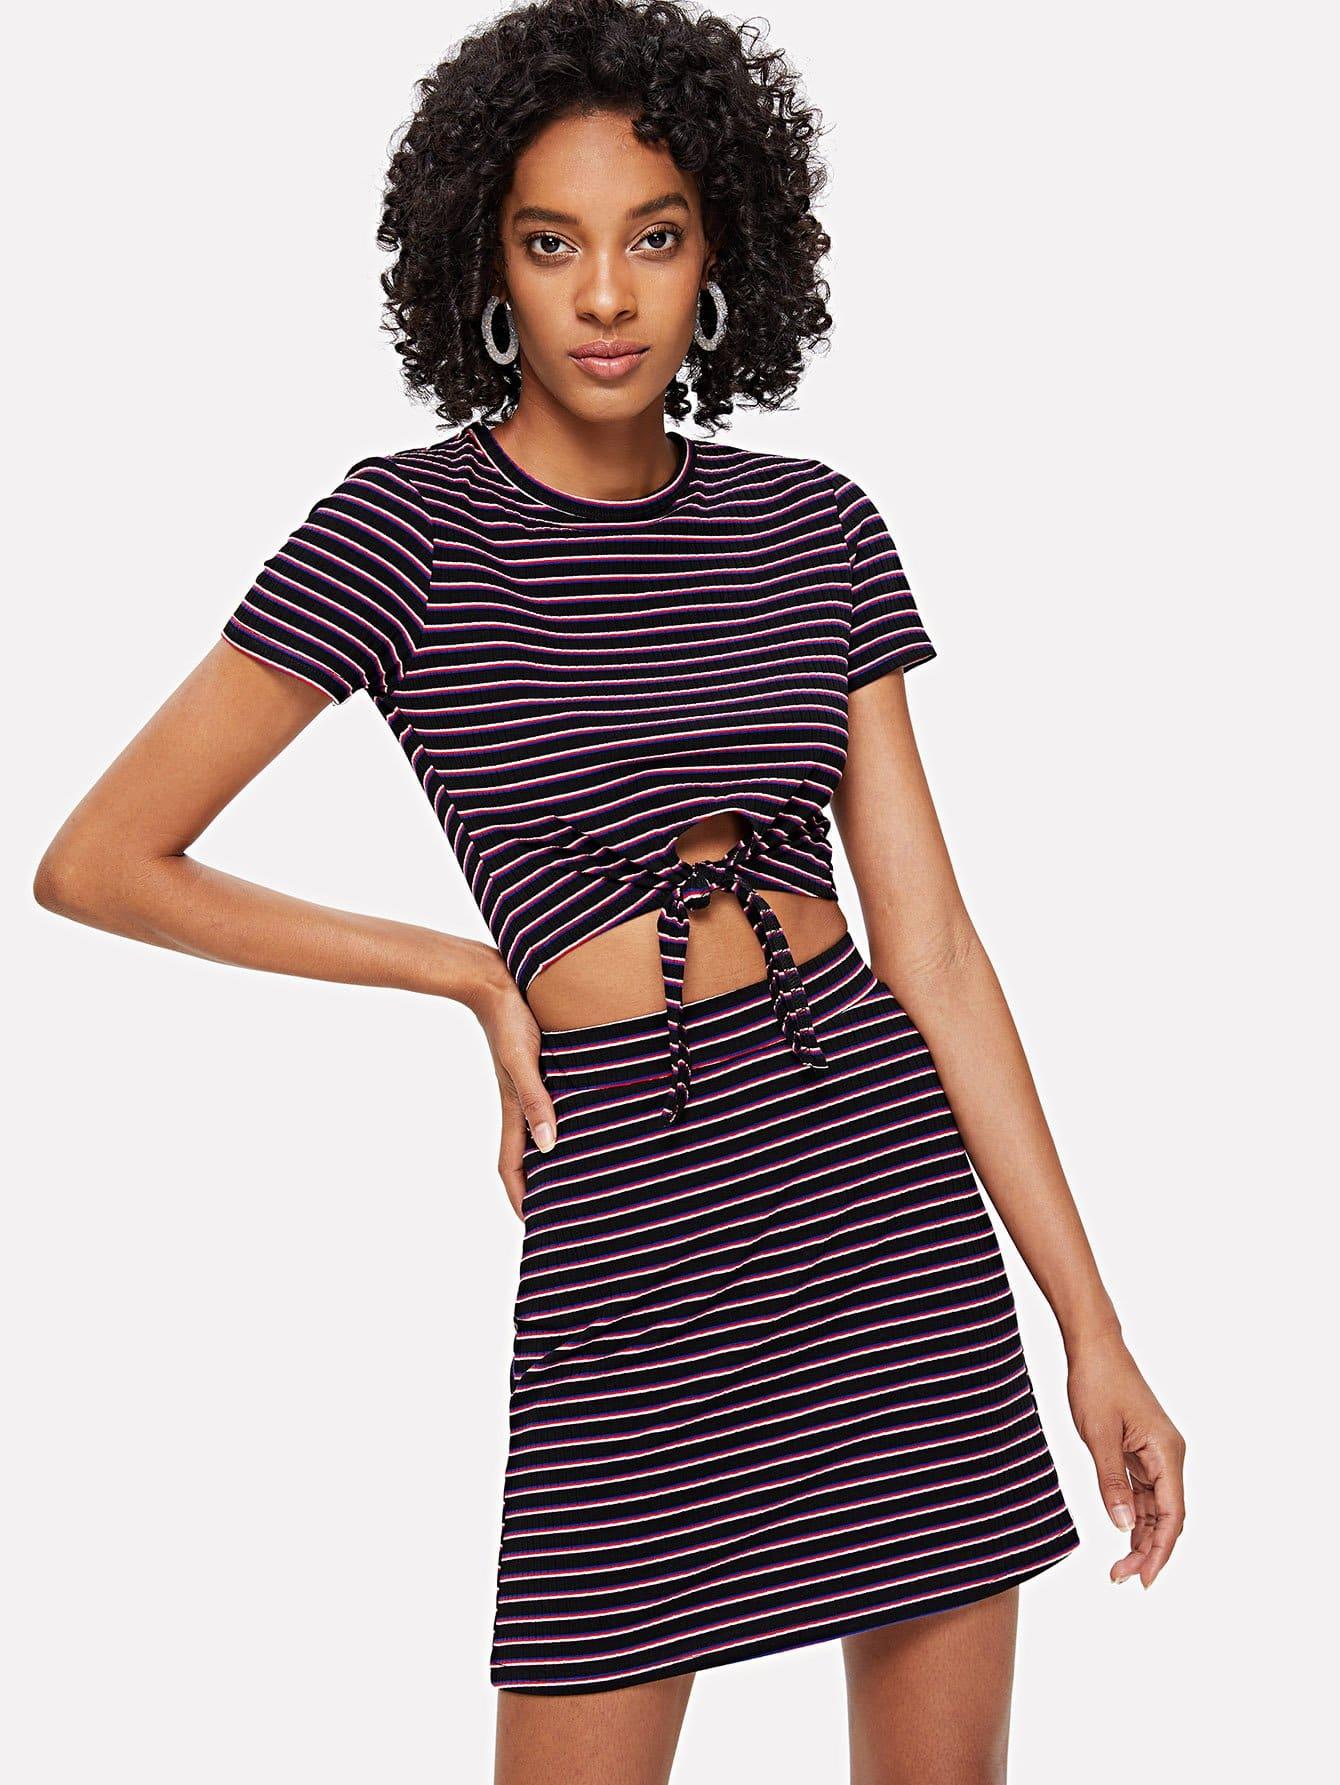 Knot Hem Rib Knit Striped Top and Skirt Set striped rib knit top